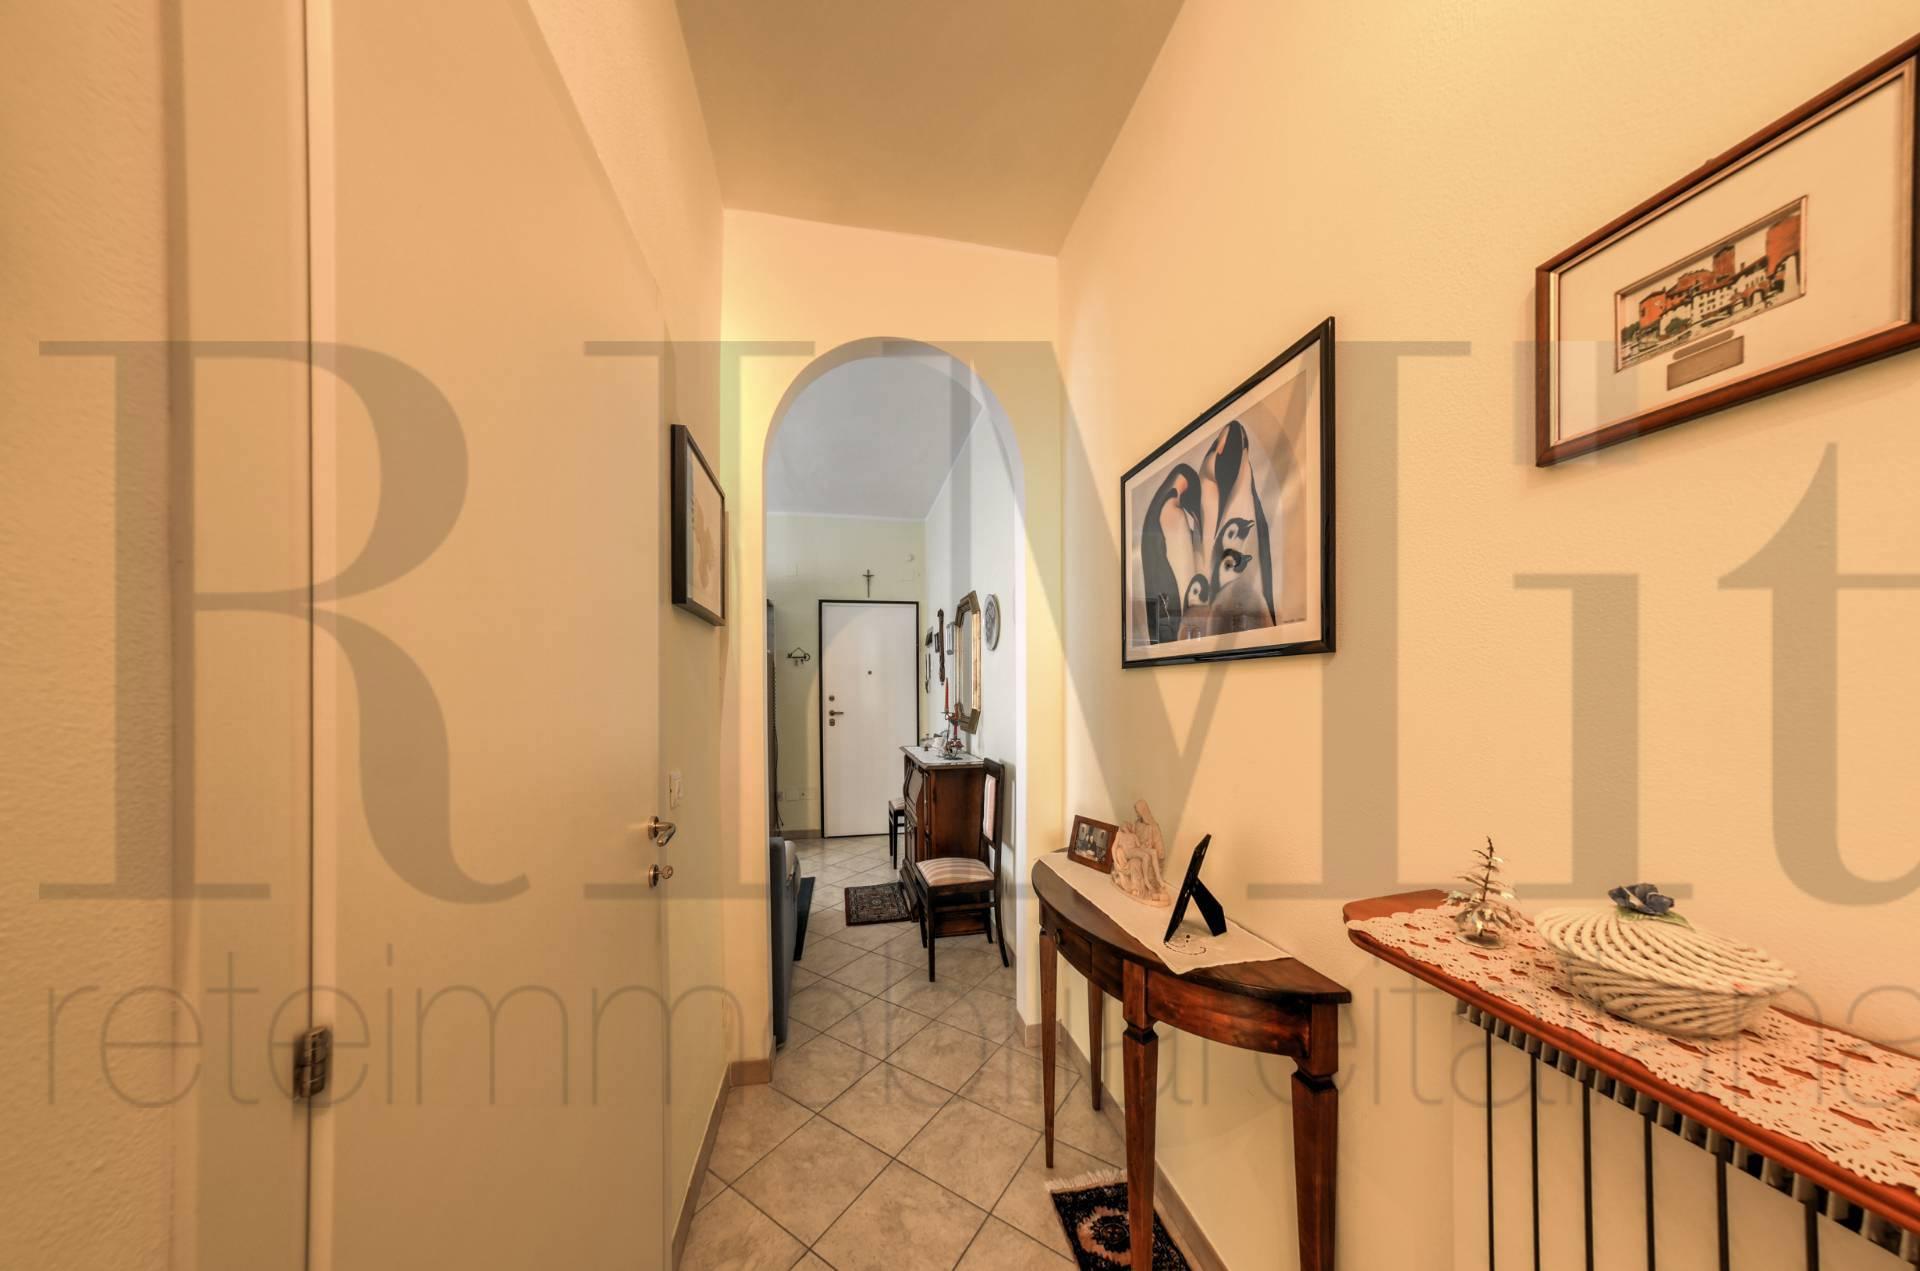 Appartamento in vendita a Loano, 3 locali, prezzo € 205.000 | CambioCasa.it